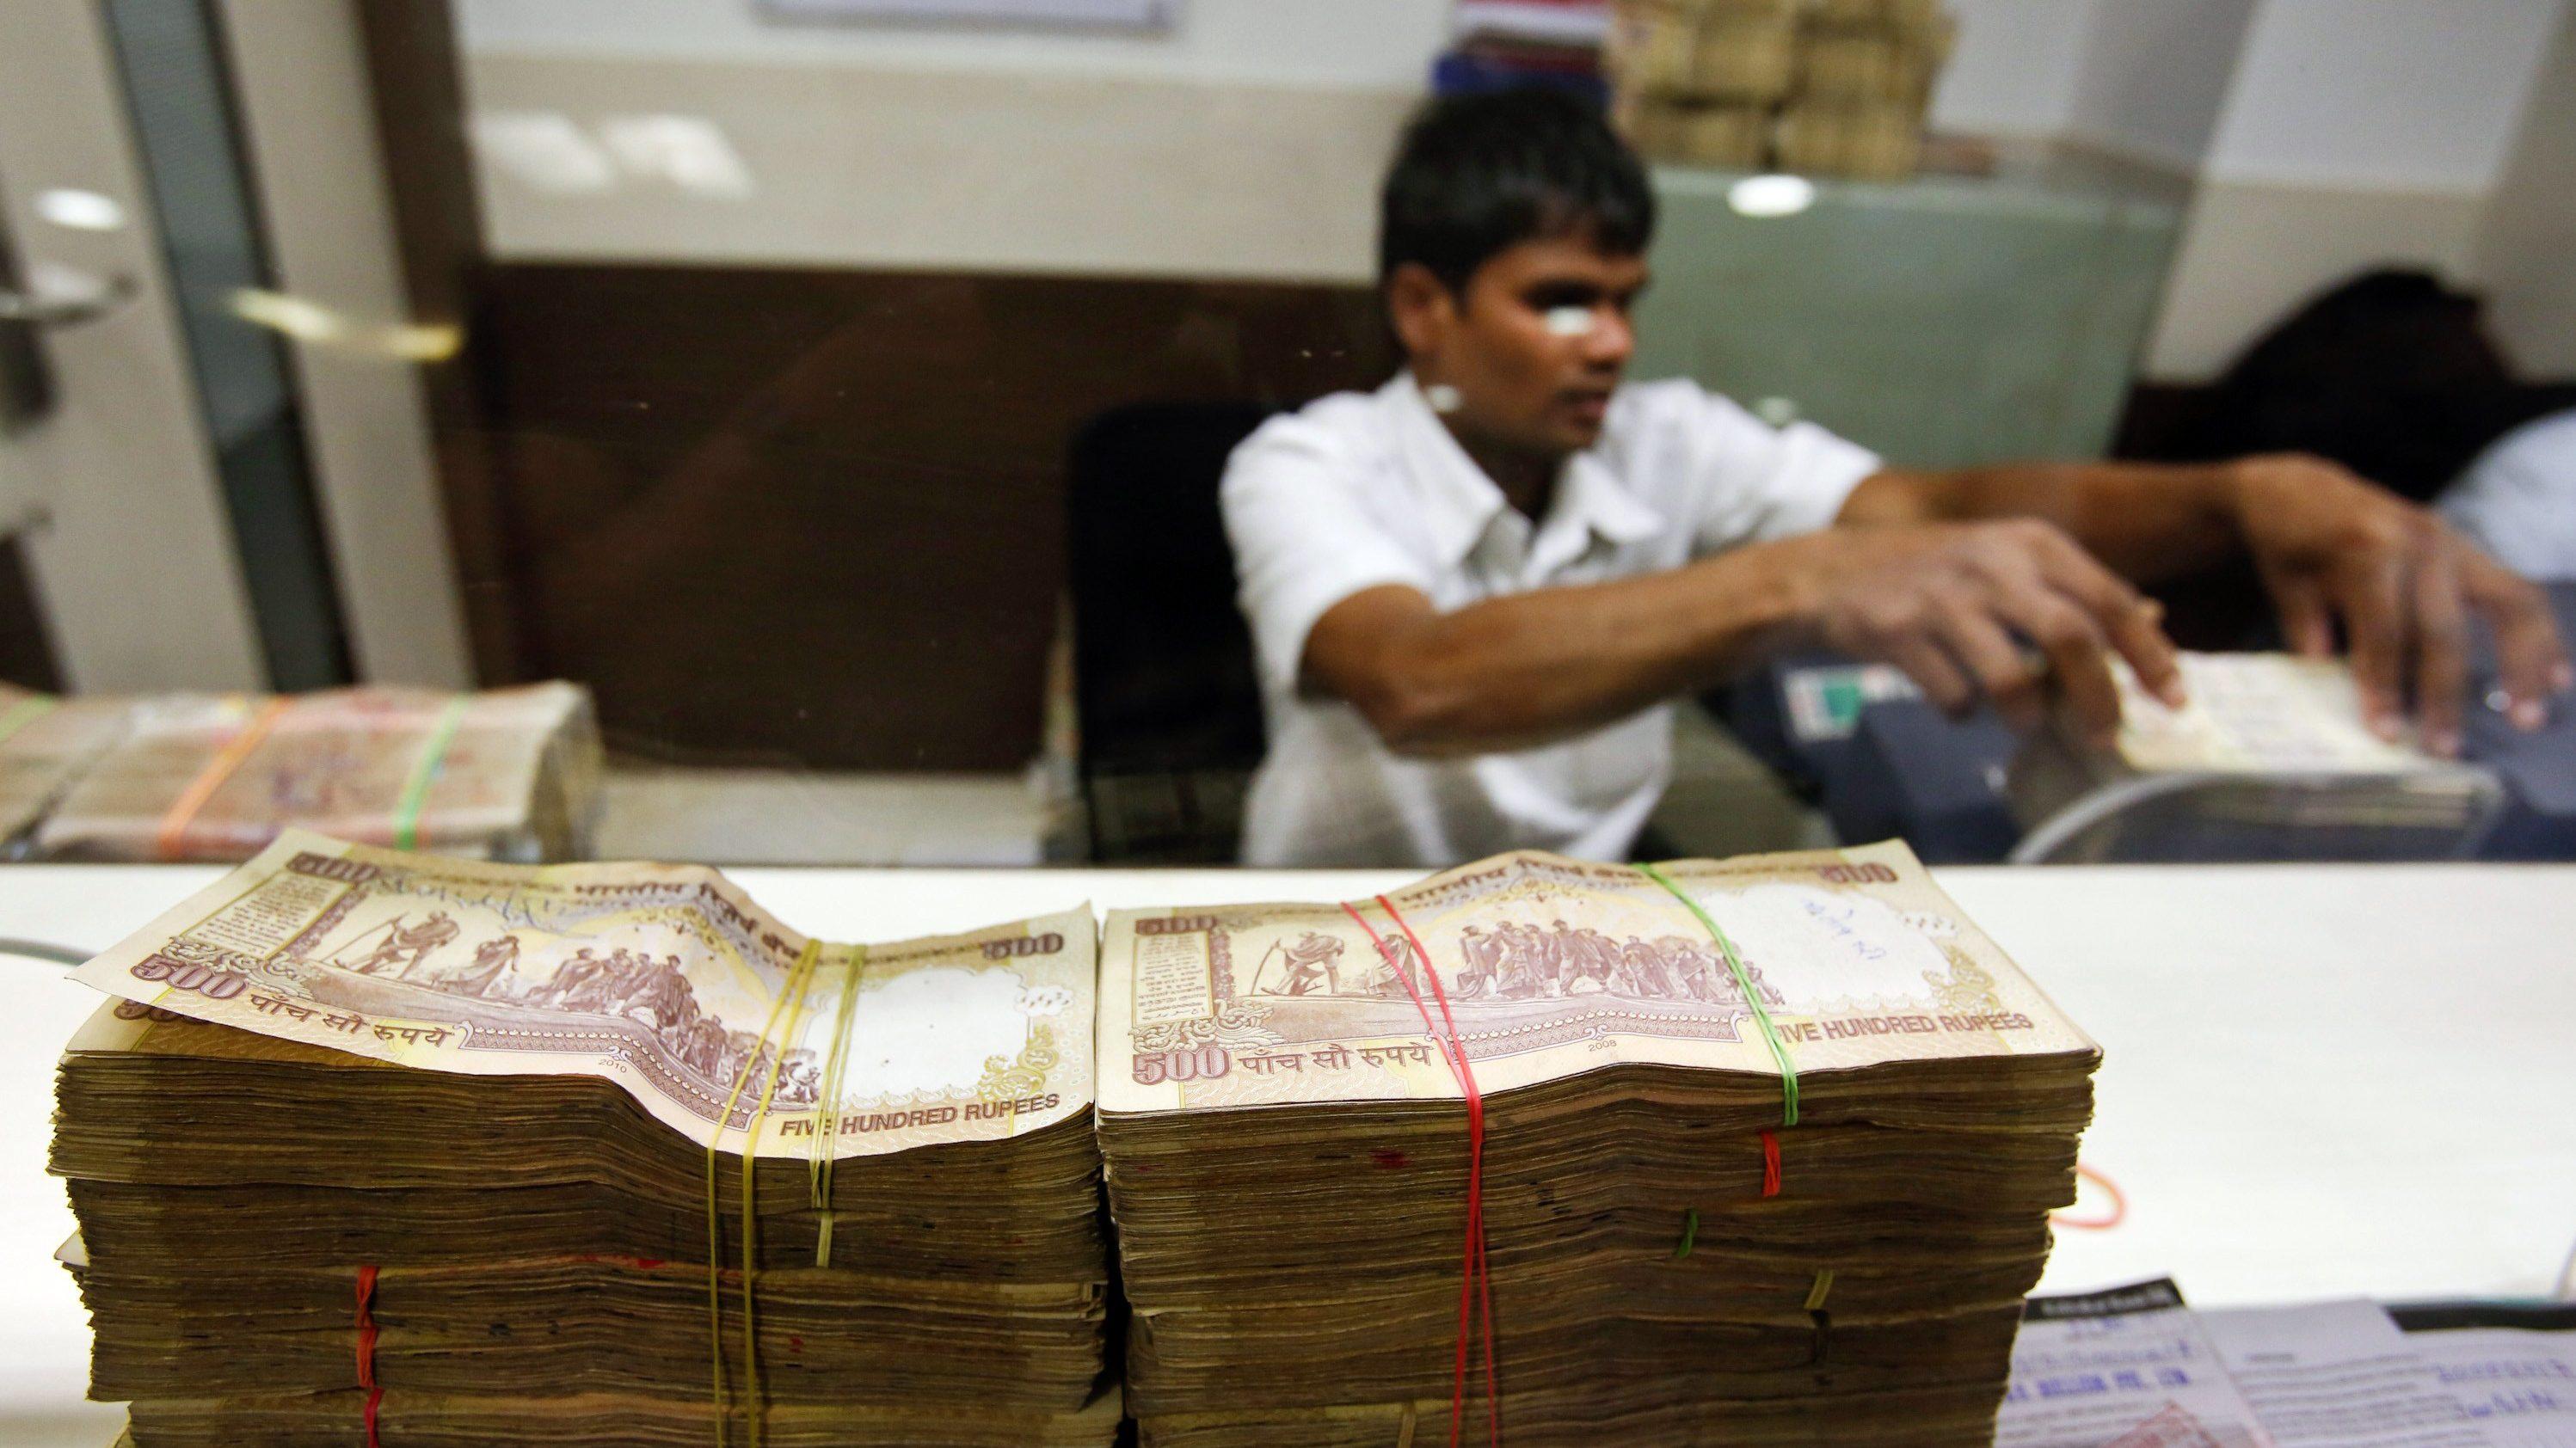 Banks-India-Bad loans